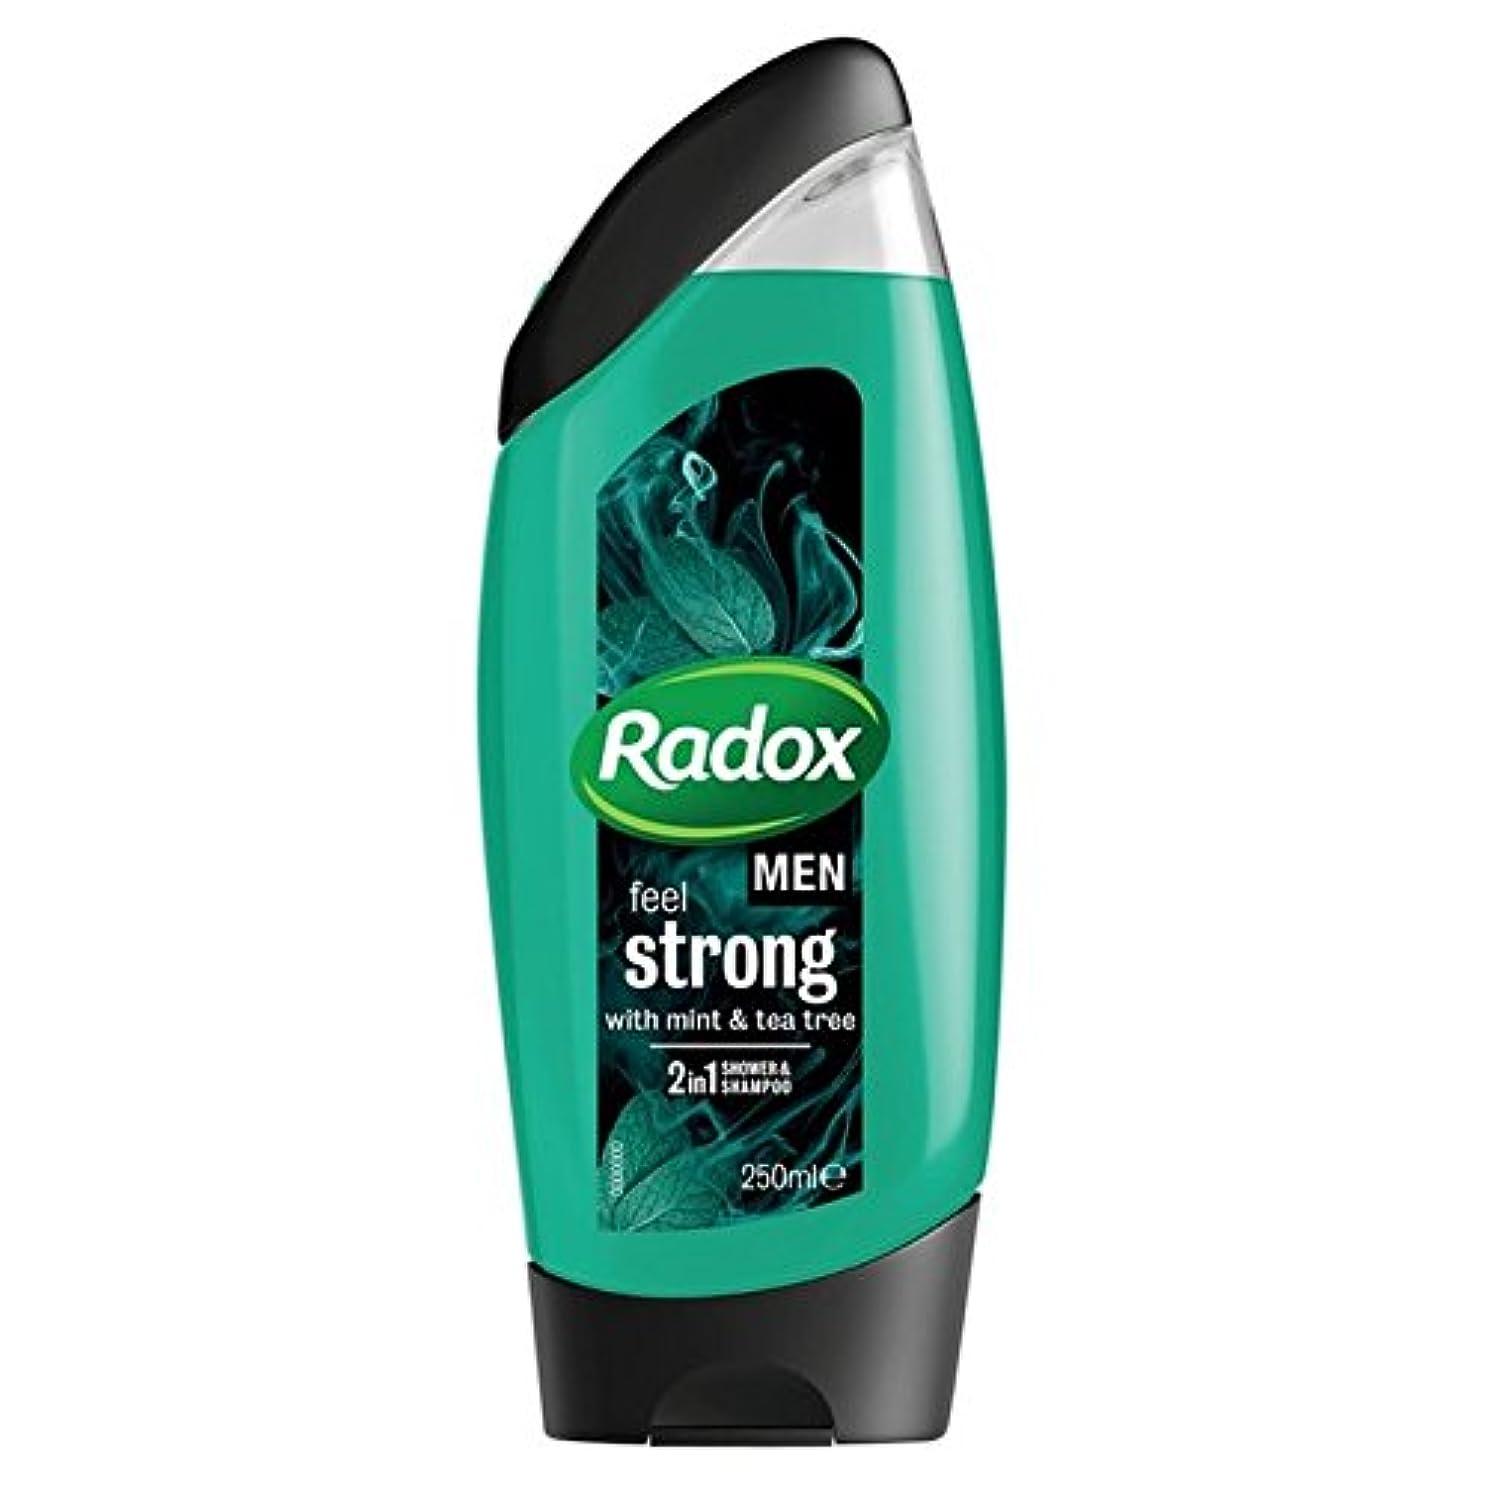 変形ハリケーン時々時々Radox Men Feel Strong Mint & Tea Tree 2in1 Shower Gel 250ml - 男性は、強力なミント&ティーツリーの21のシャワージェル250ミリリットルを感じます [並行輸入品]